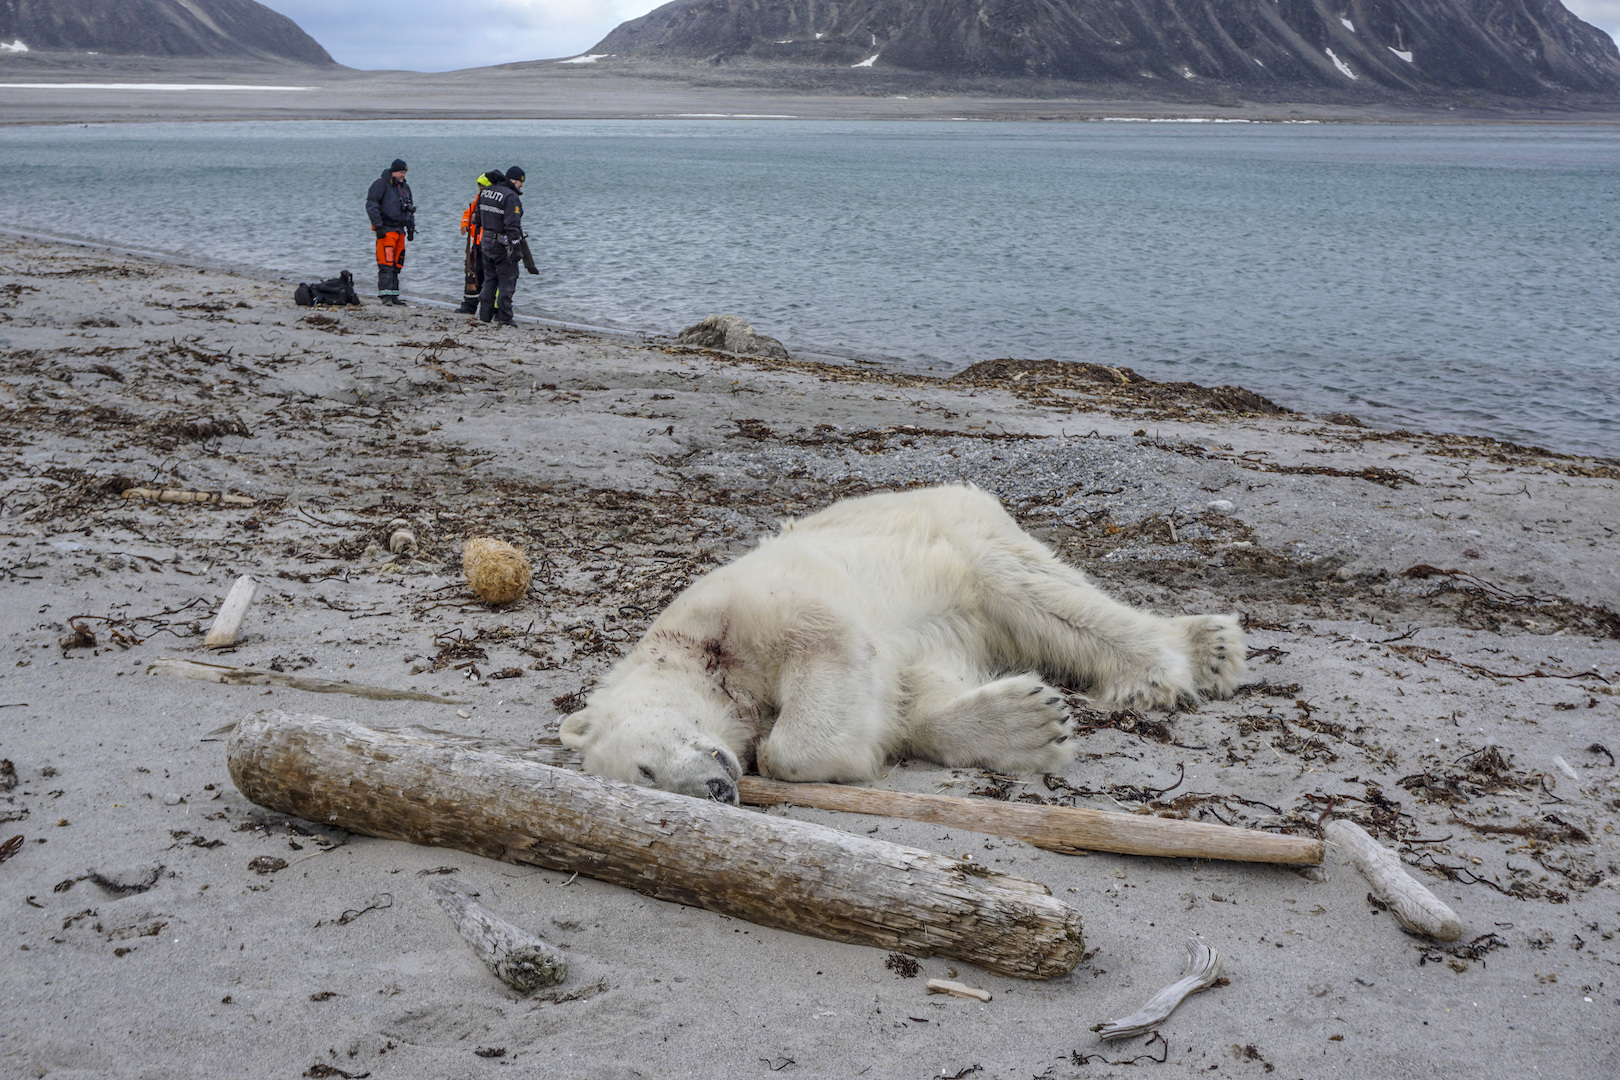 Matan a un oso polar que atacó a un guía turístico